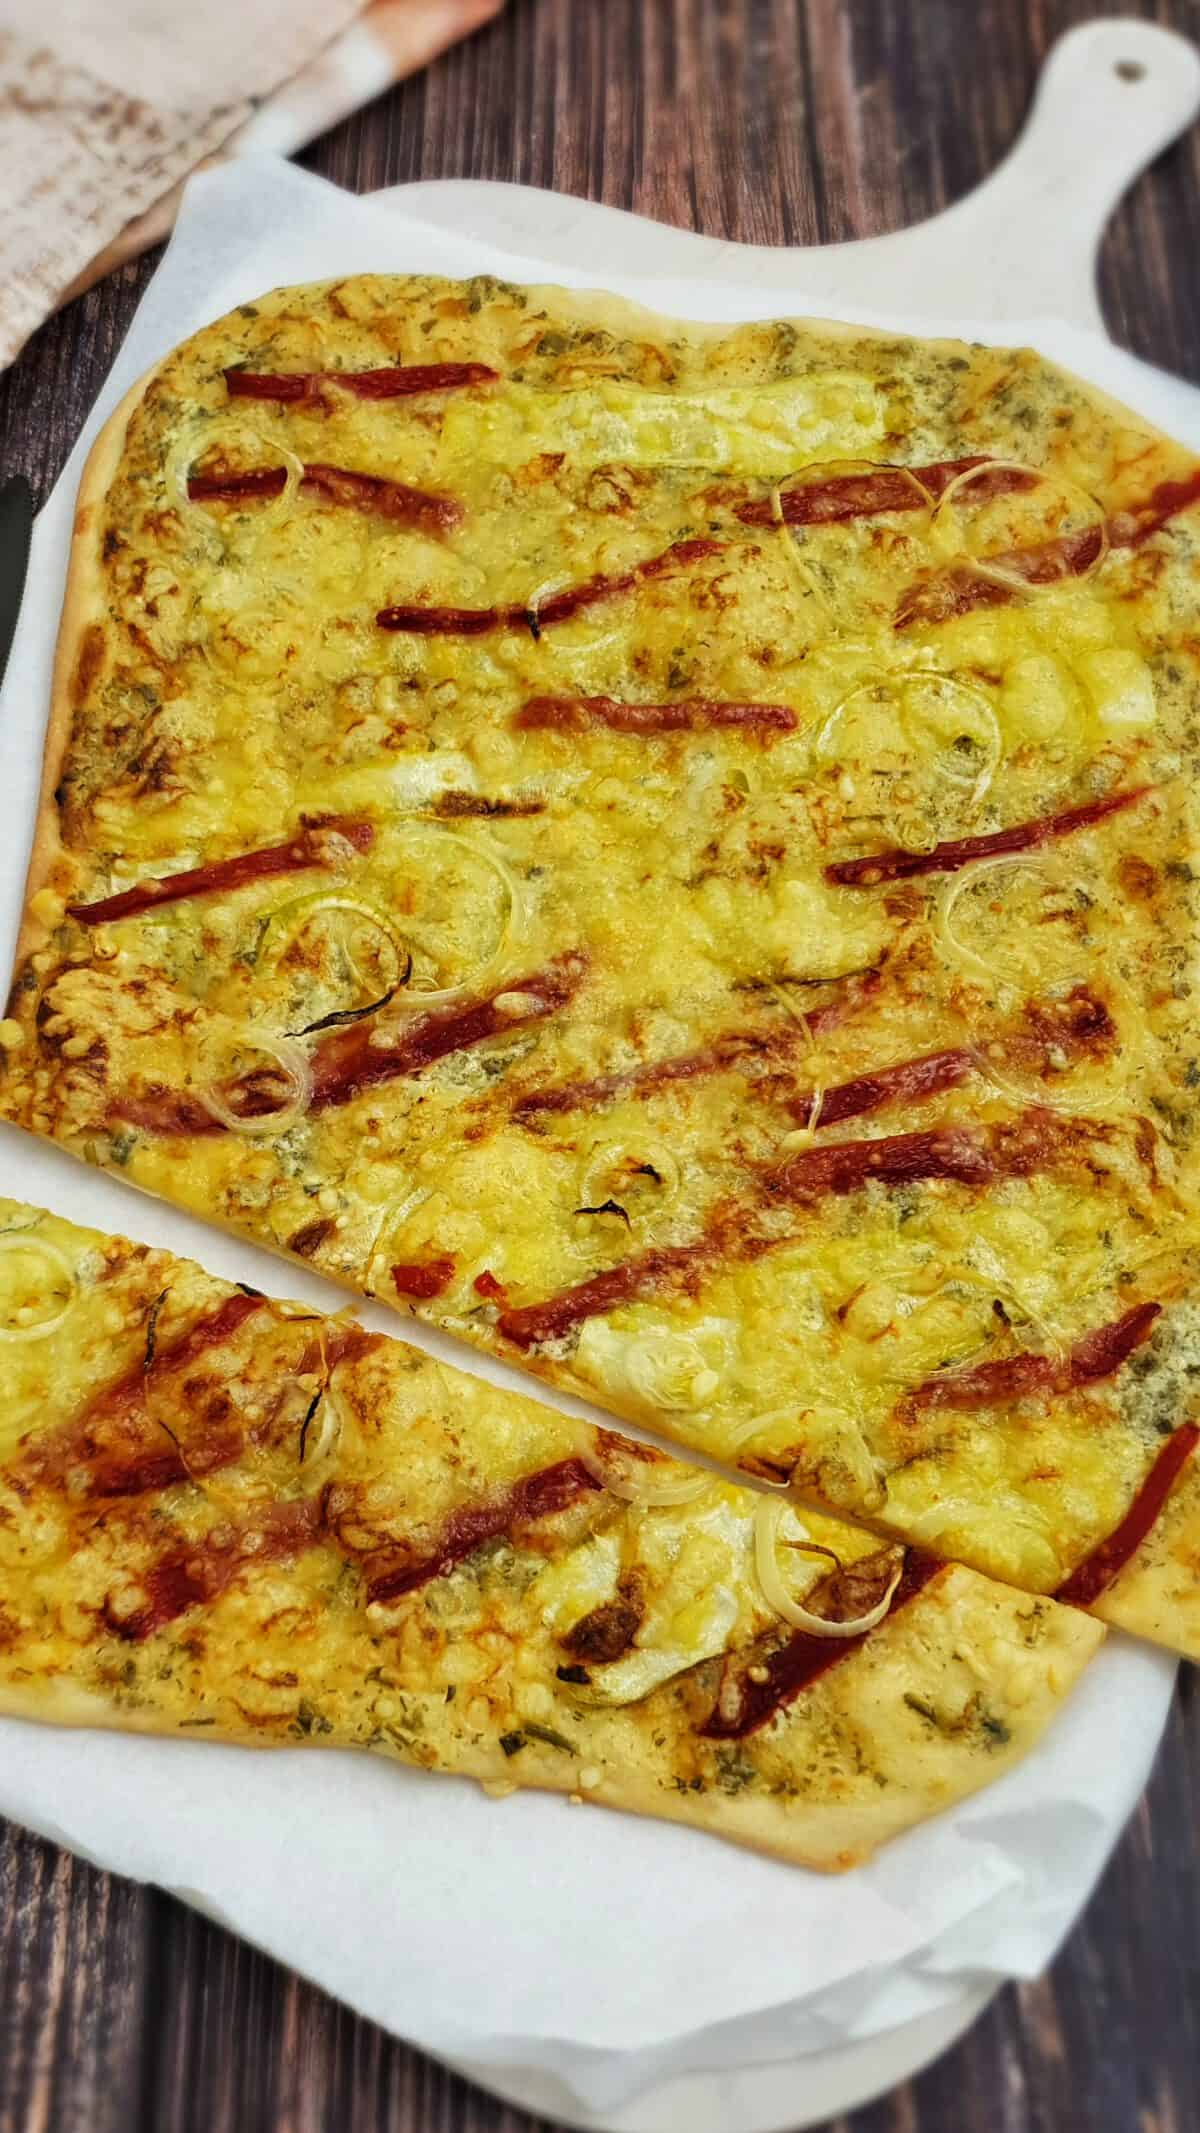 Flammkuchen vegetarisch mit gerösteter Paprika angerichtet auf einem hellen Flammkuchen-Brett mit Backpapier.